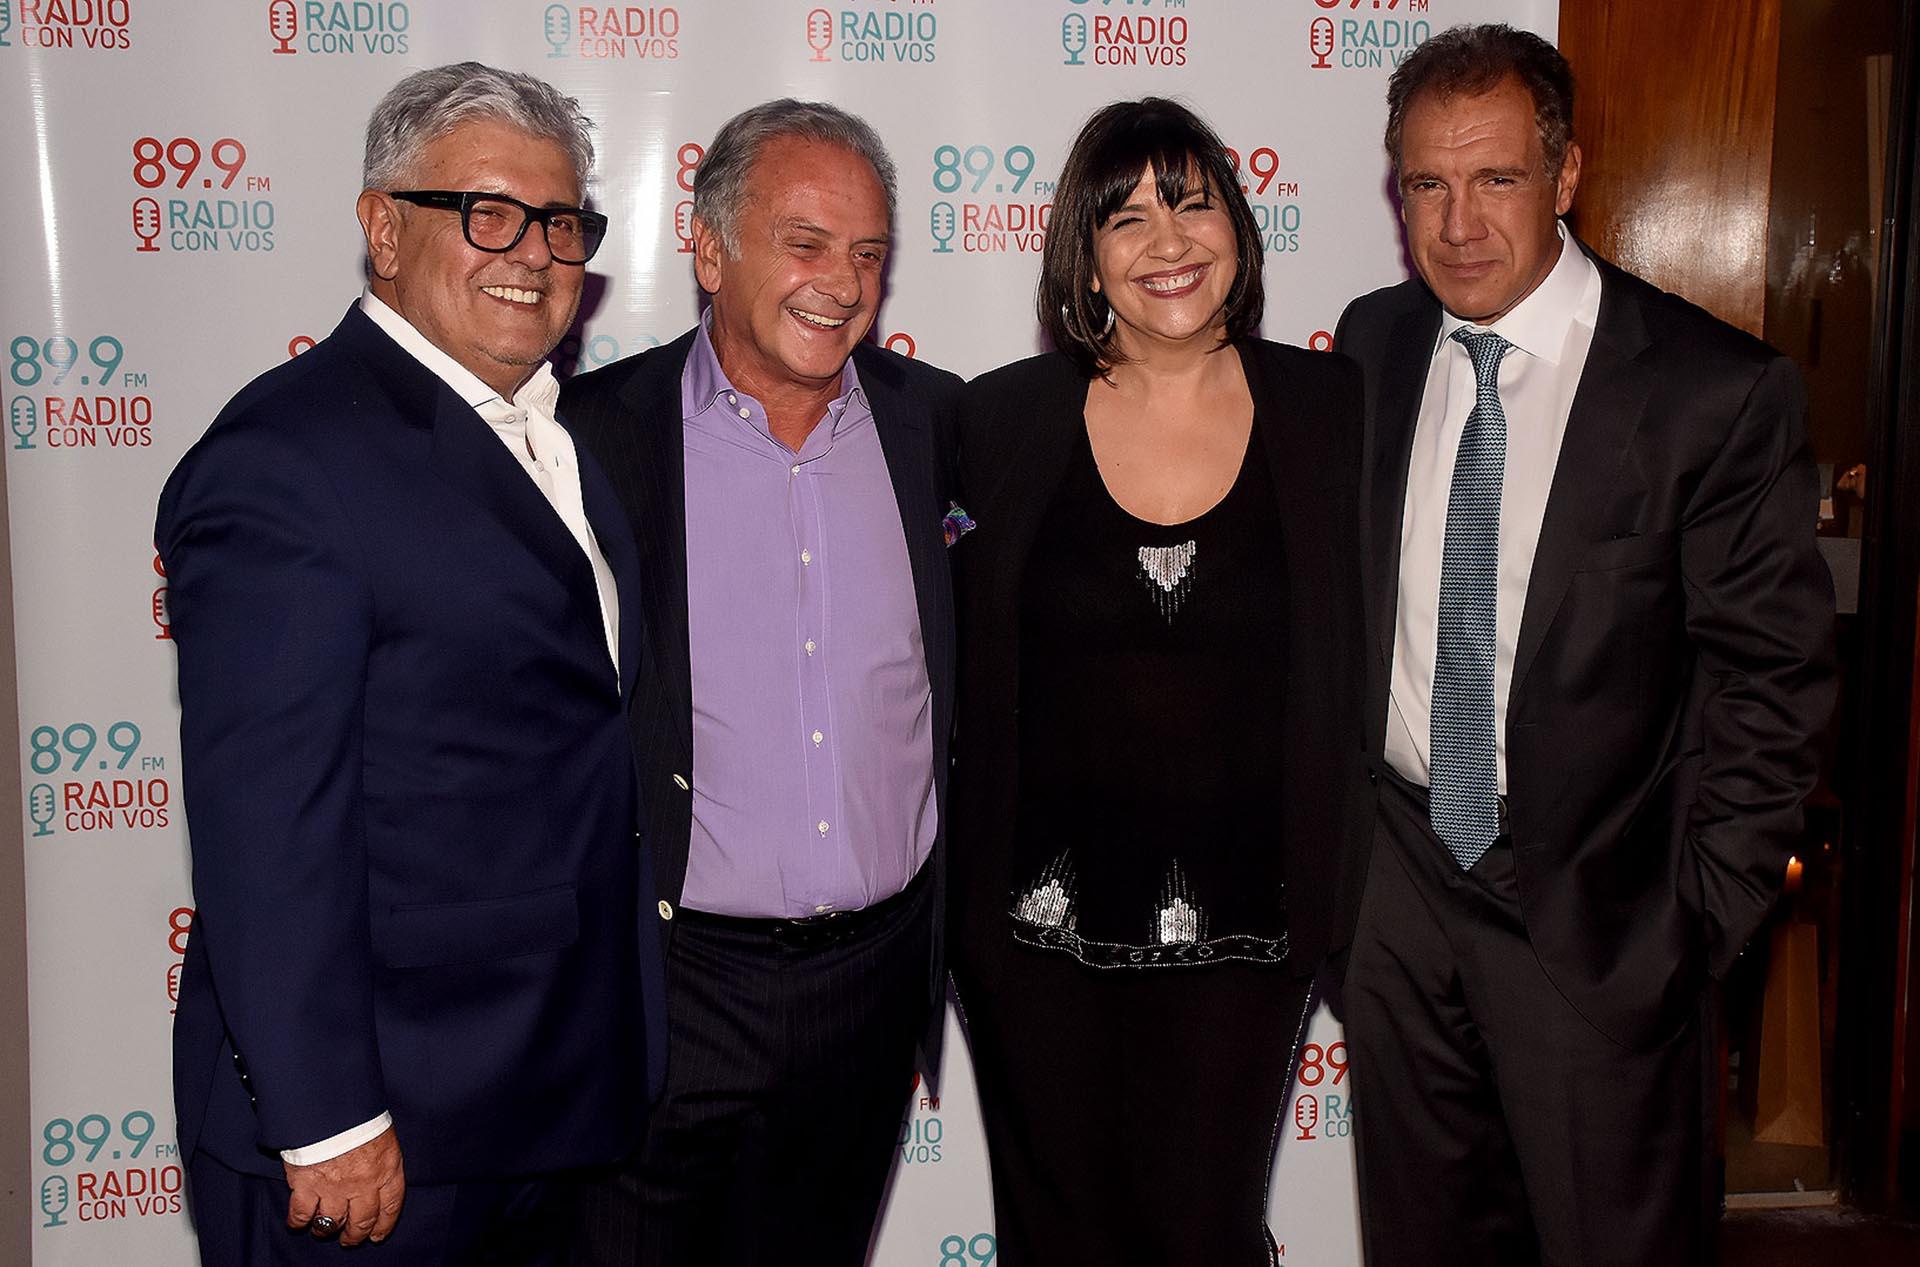 Carlos Gorosito, Beto Vijnovsky,Elizabeth Vernaci y Daniel Hadad